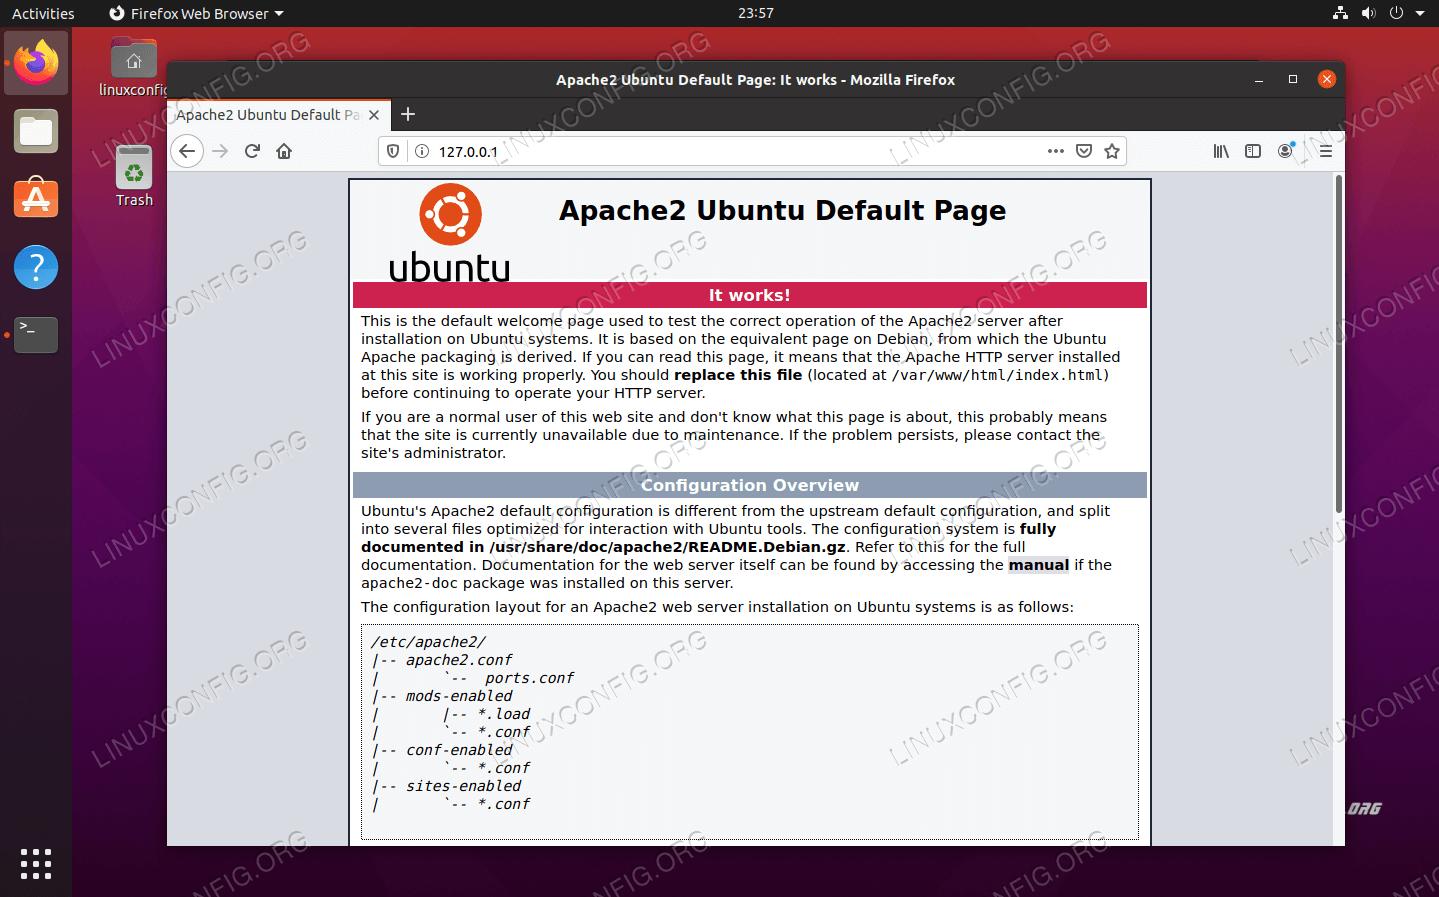 私たちのウェブサイトがアクセス可能であることを示すデフォルトのApacheページ